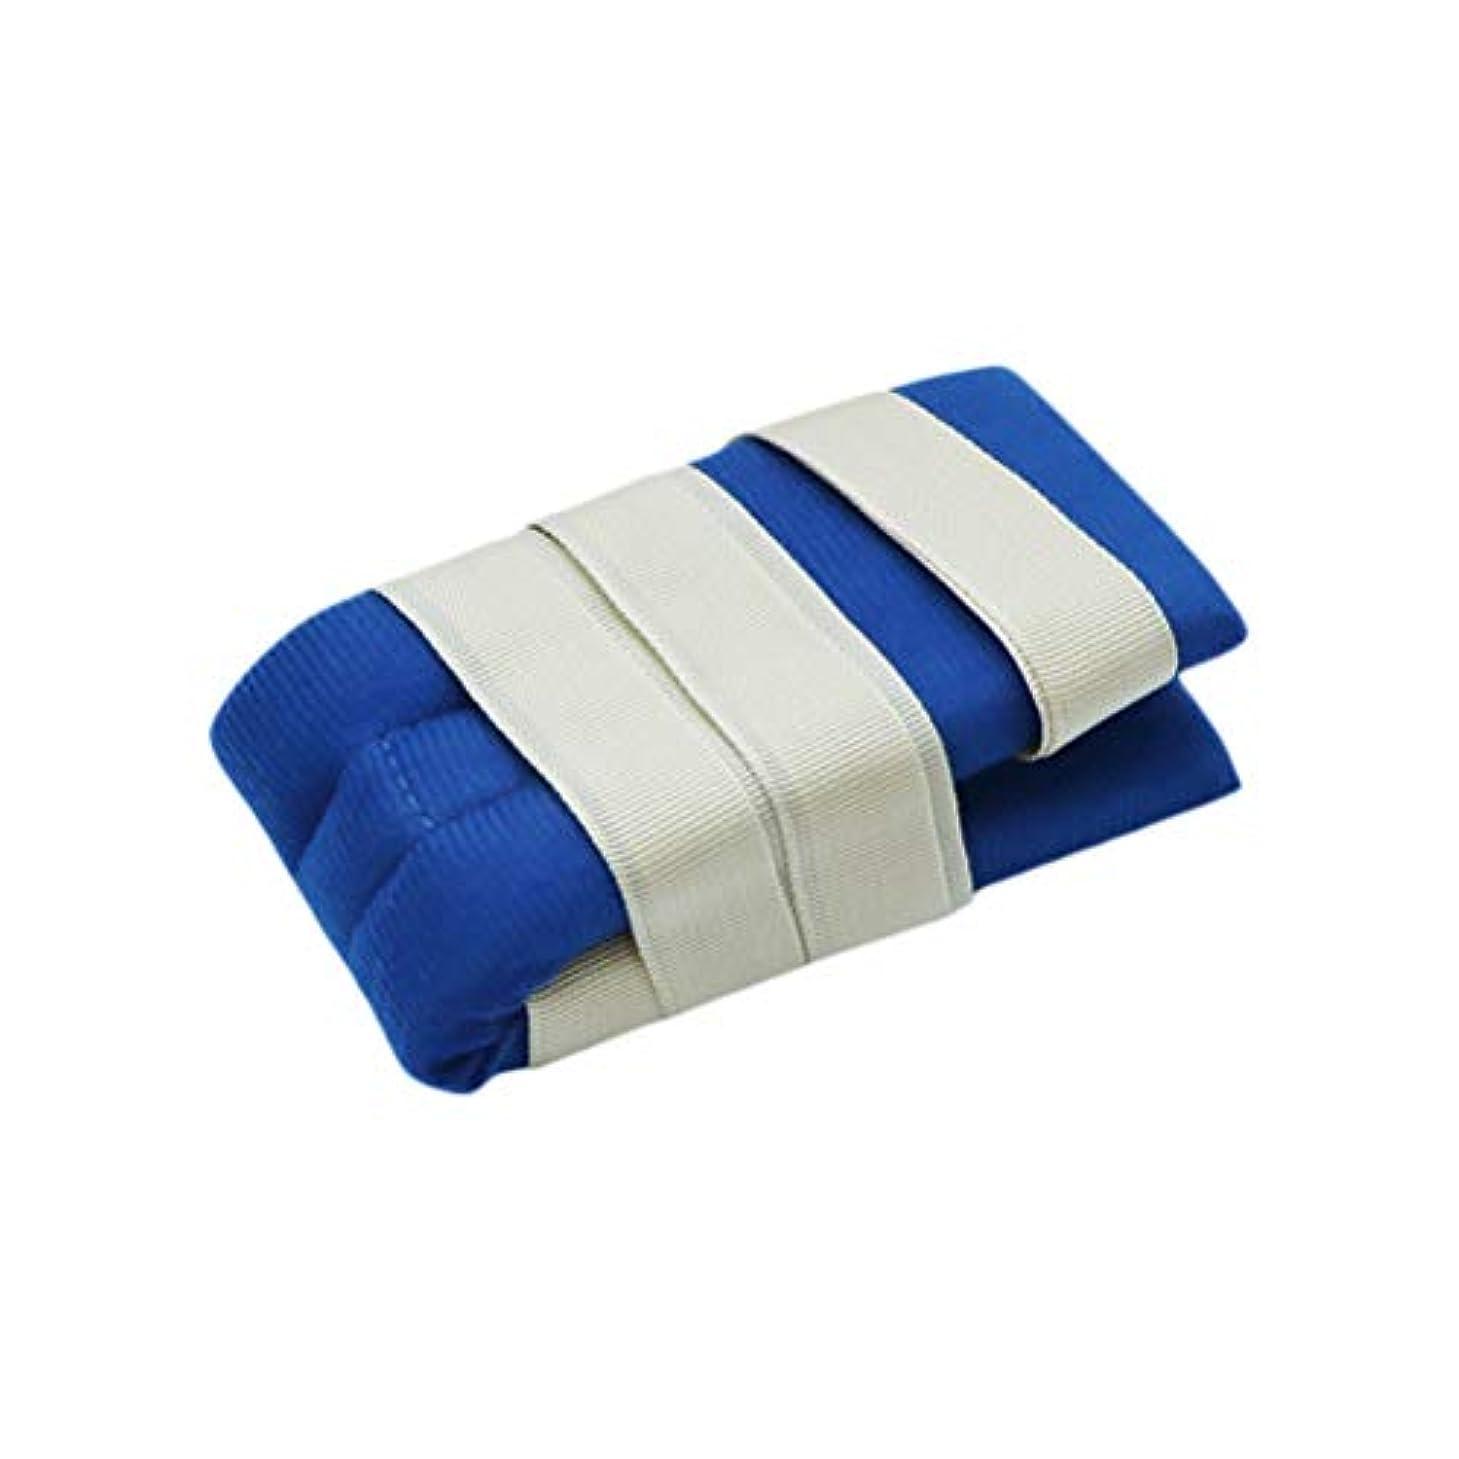 危機話すエンディング手または足のための柔らかい医学の制限の革紐バンド病院用ベッドの肢のホールダー患者のための普遍的な抑制制御クイックリリースバンド